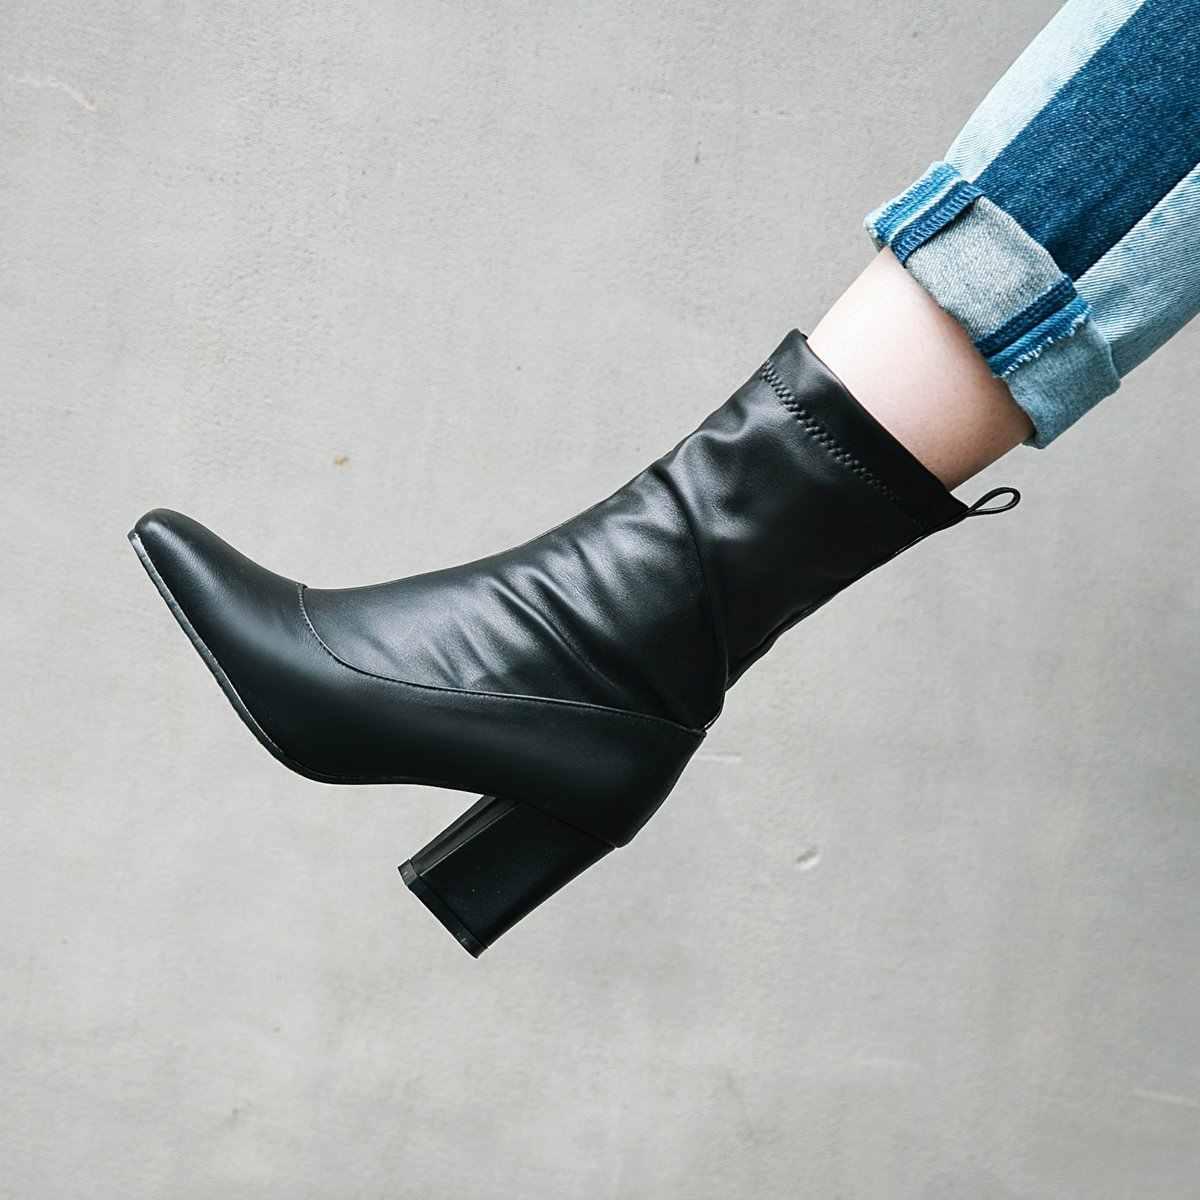 NEMAONE kadınlar yüksek topuklu elbise ayakkabı yarım çizmeler kare ayak bayanlar bahar sonbahar çizmeler büyük boy 42 43 siyah beyaz